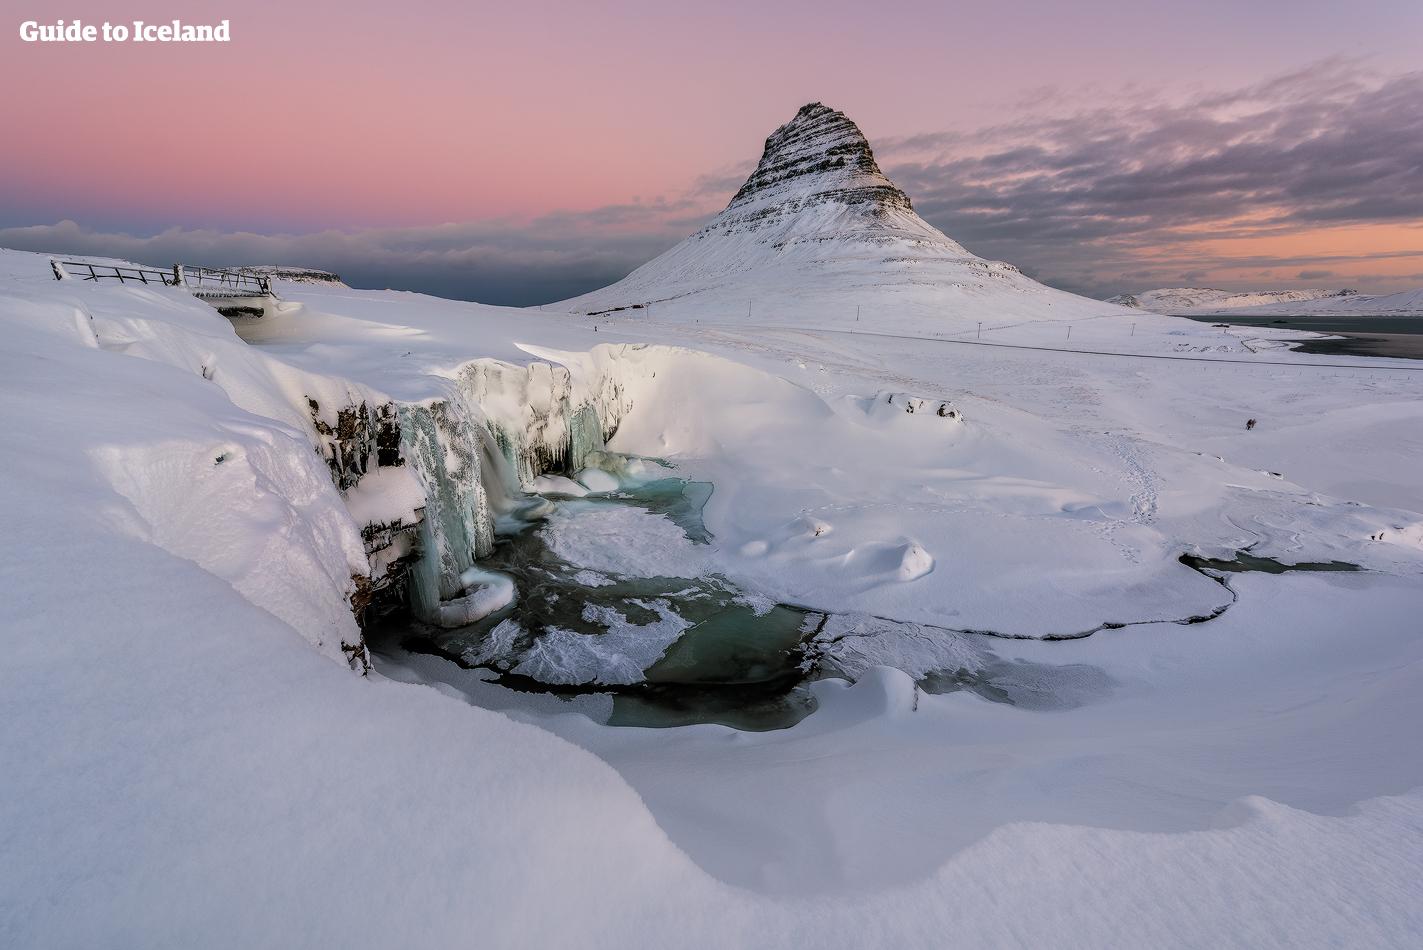 """La península de Snæfellsnes, o """"Islandia en miniatura"""", como se la conoce, es hermosa durante todo el año, pero algo más mística en pleno invierno."""